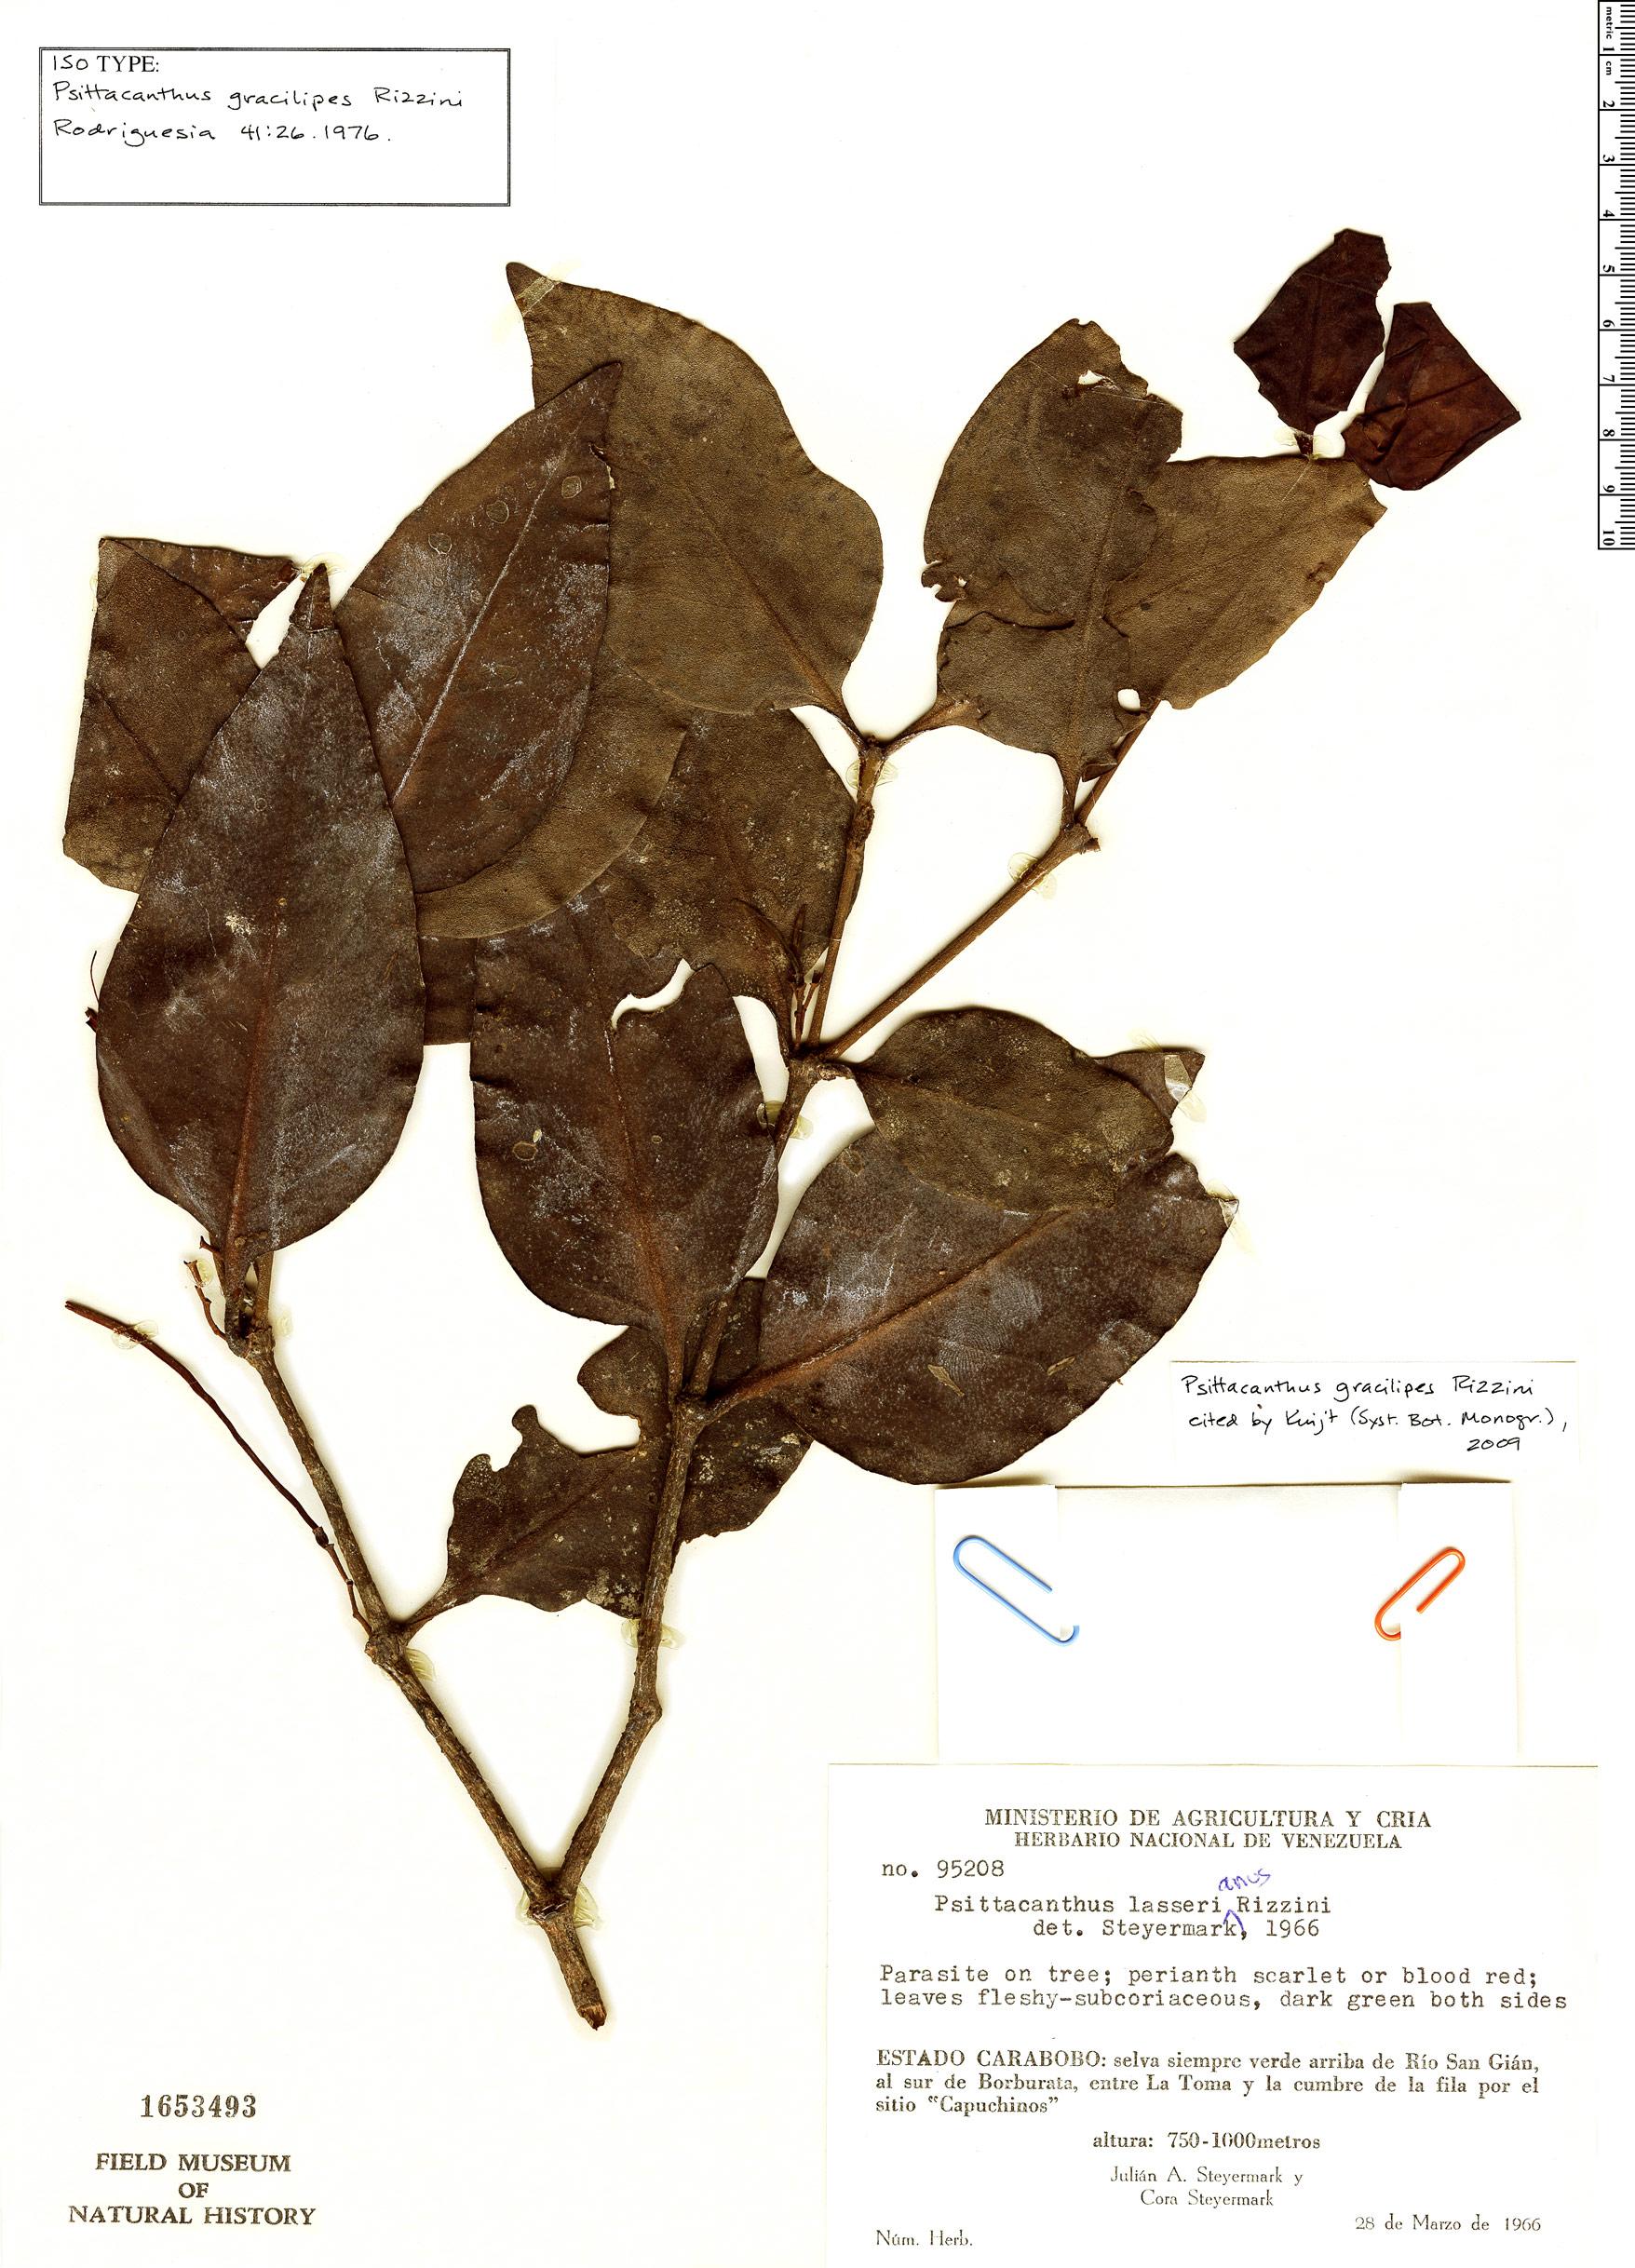 Specimen: Psittacanthus gracilipes